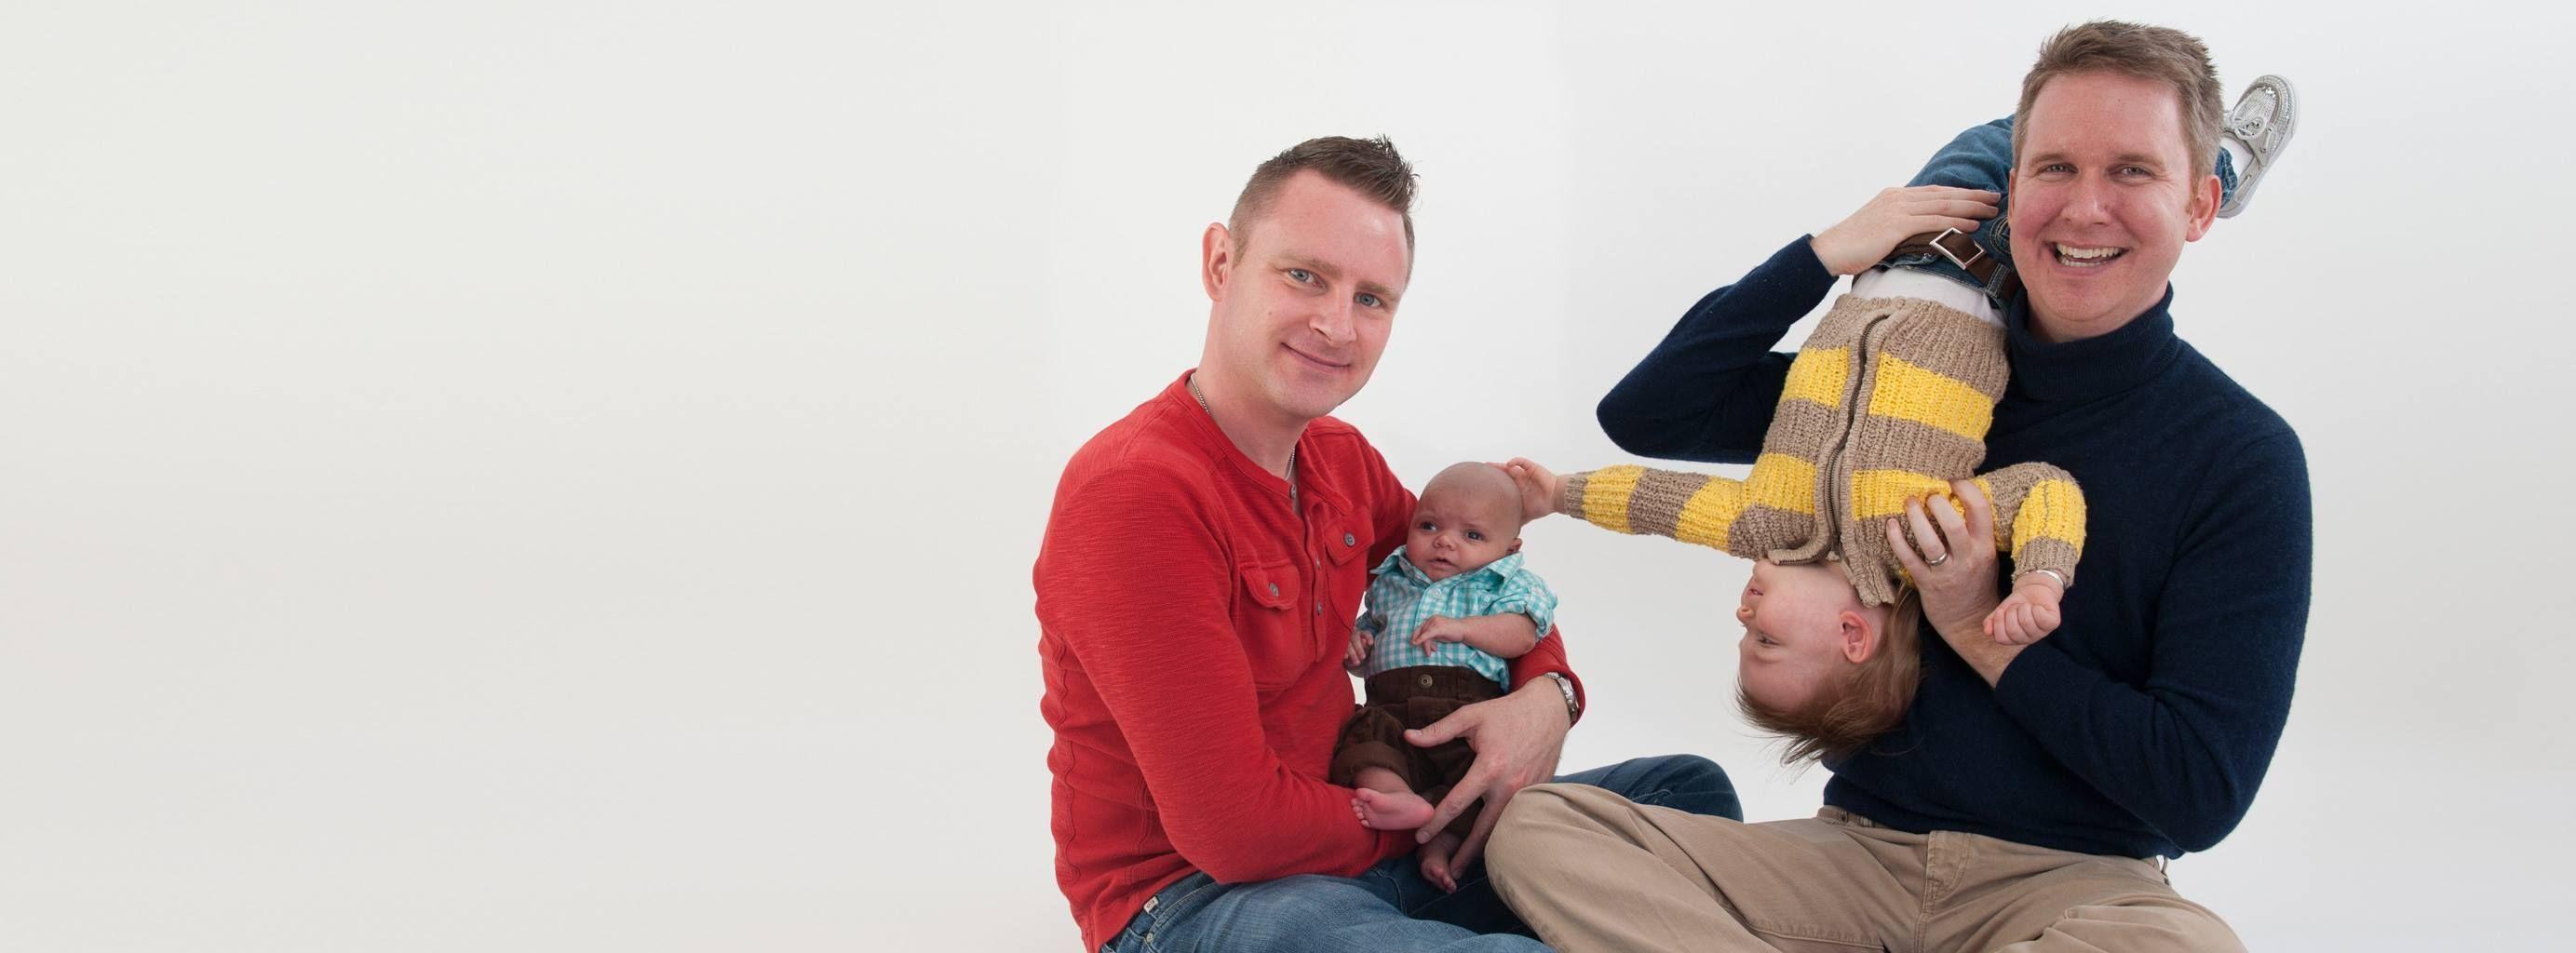 Build your family through adoption